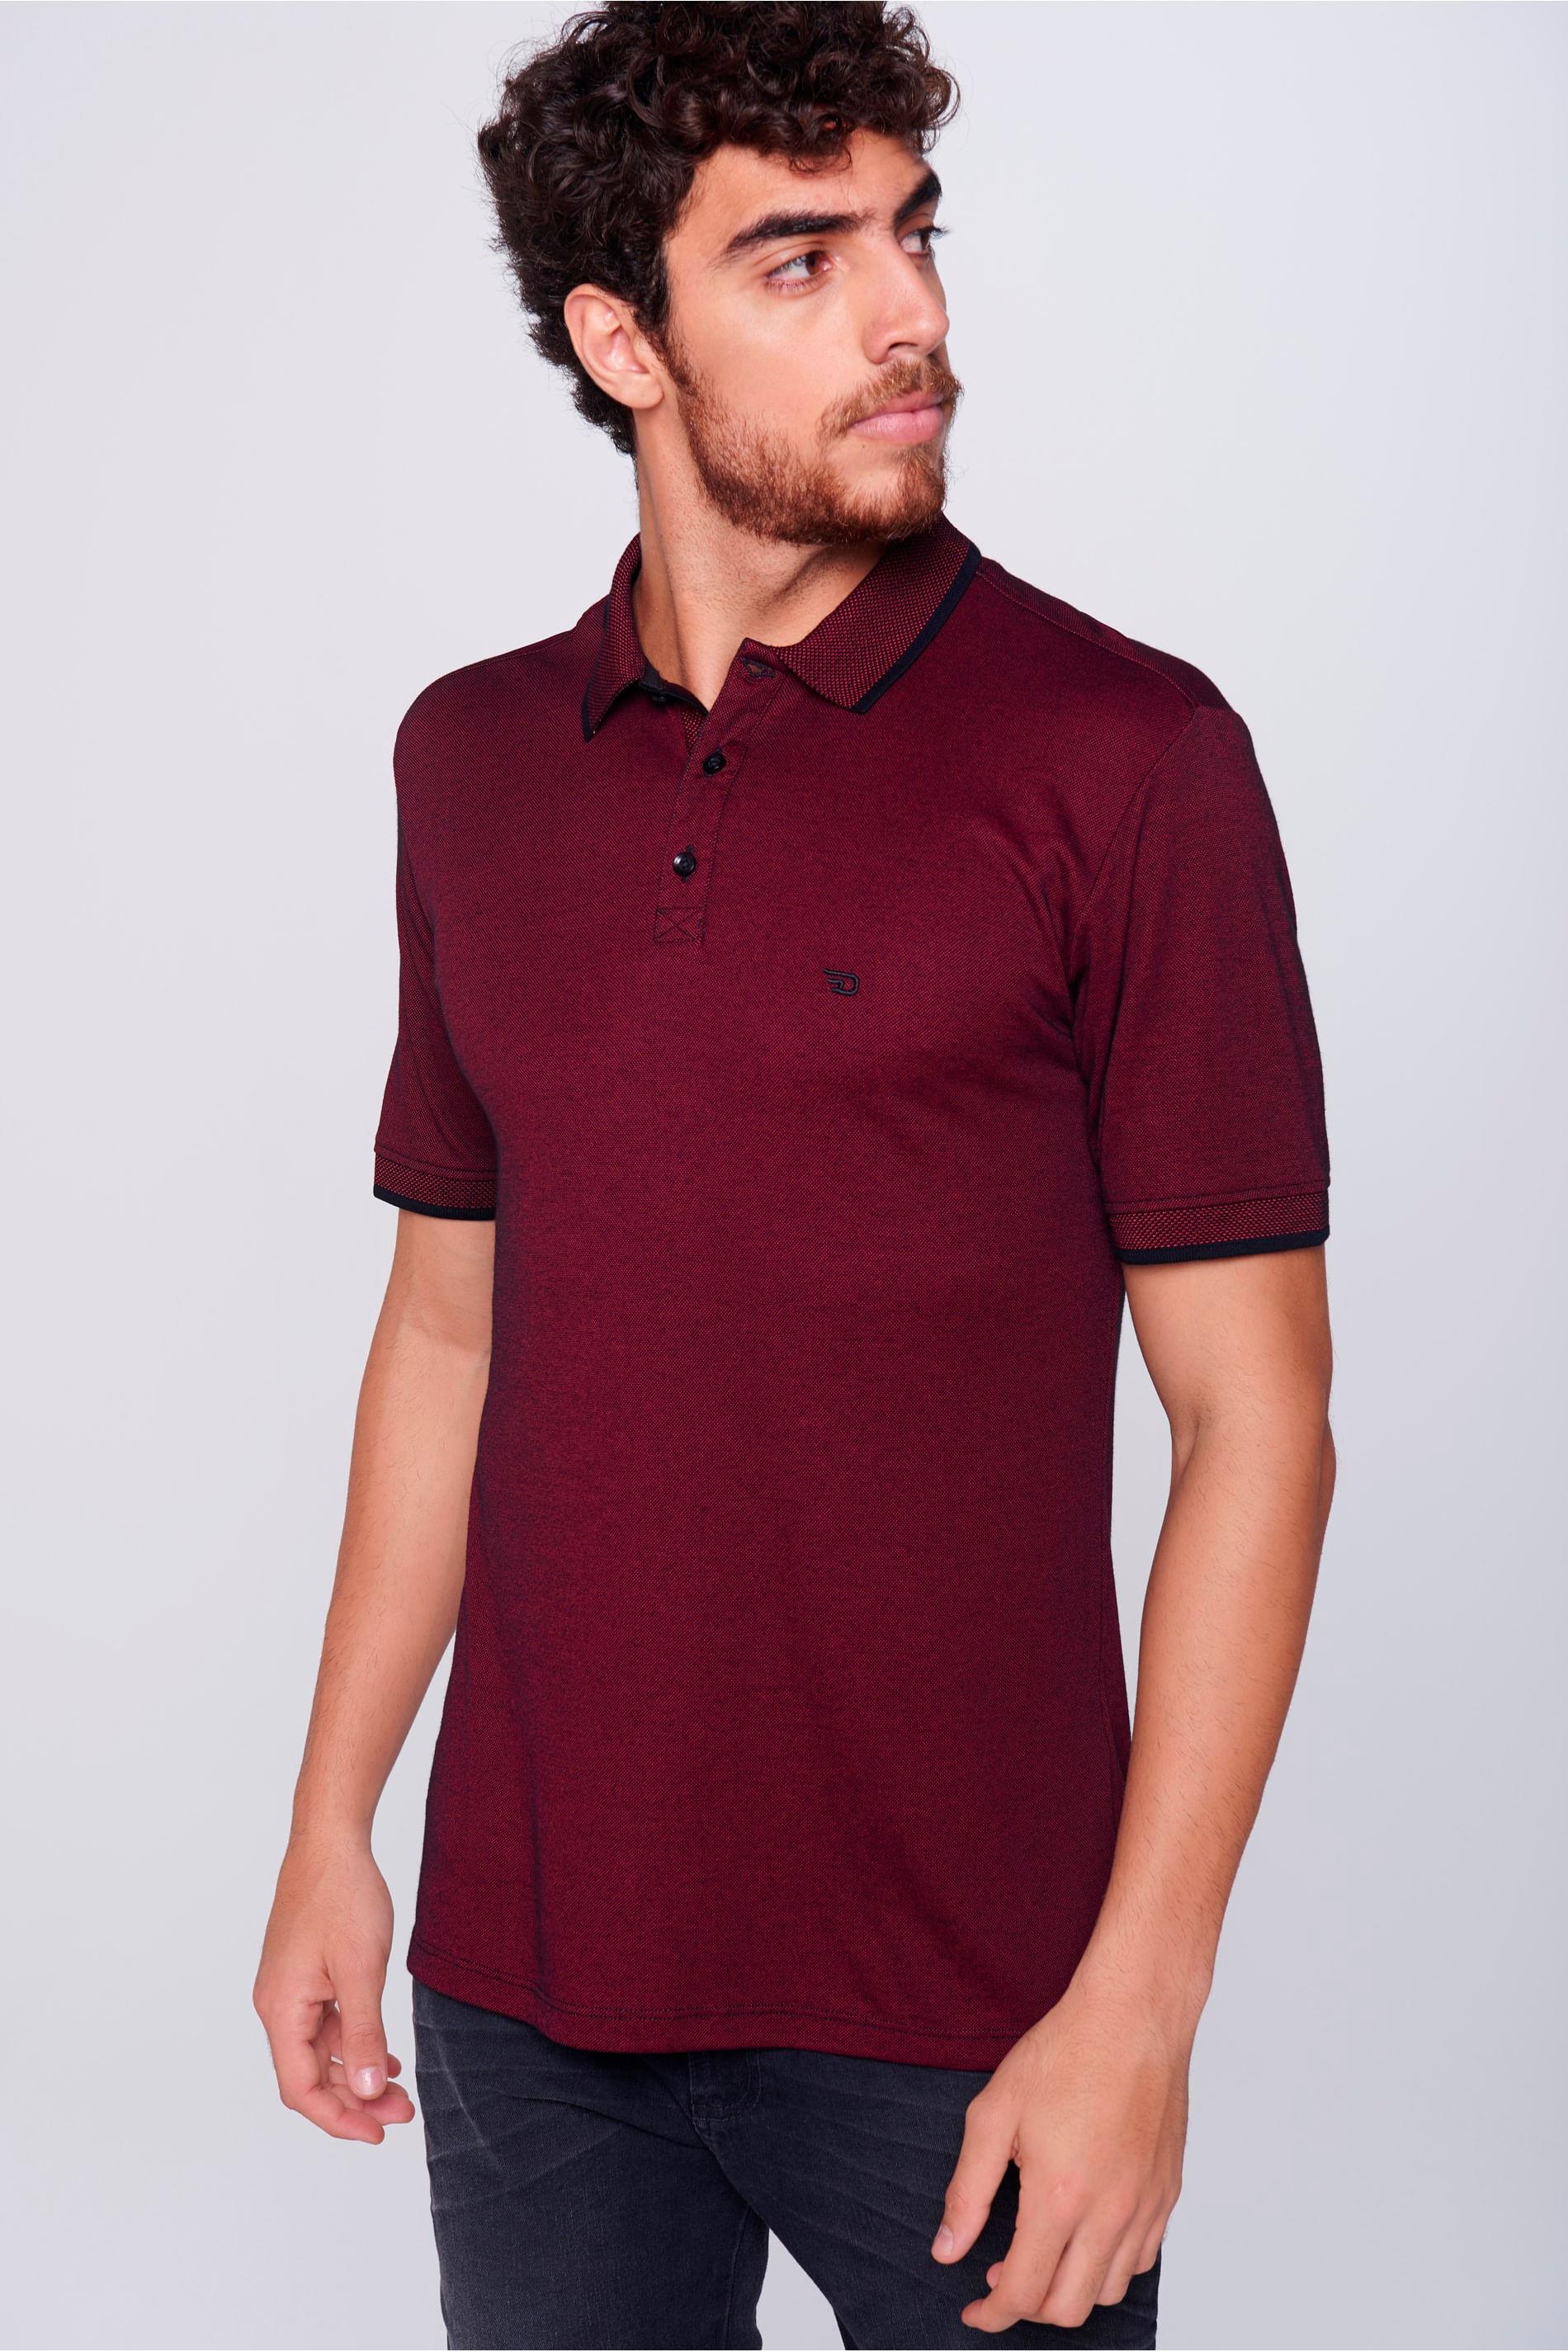 Camisa gola polo masculina damyller jpg 1900x2850 Blusa gola polo masculina 0307f052478f7